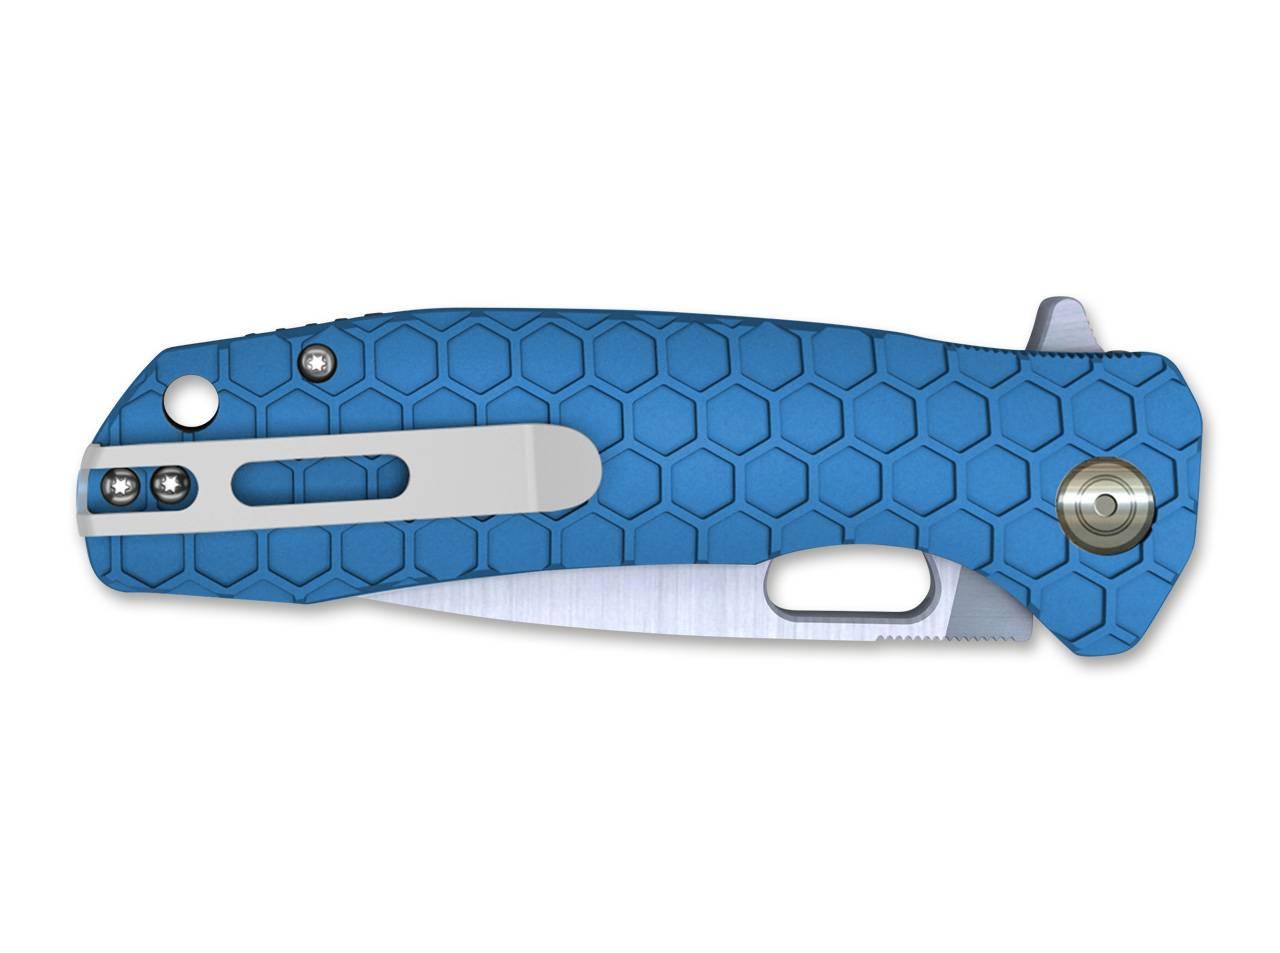 FLIPPER LARGE BLUE 01HO040 HONEY BADGER